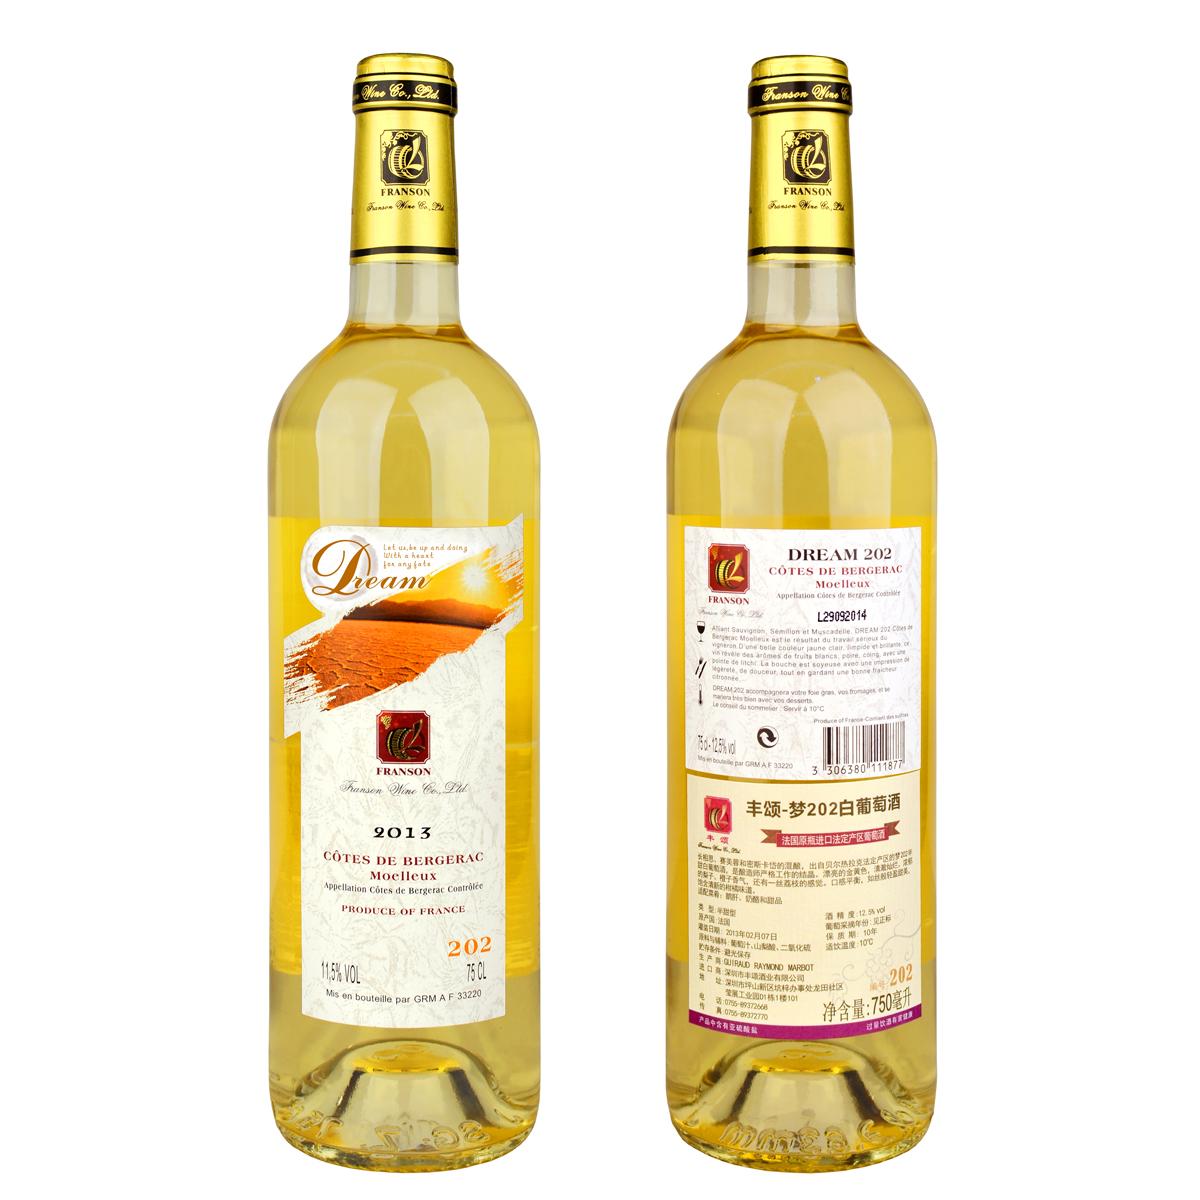 丰颂-梦202白葡萄酒